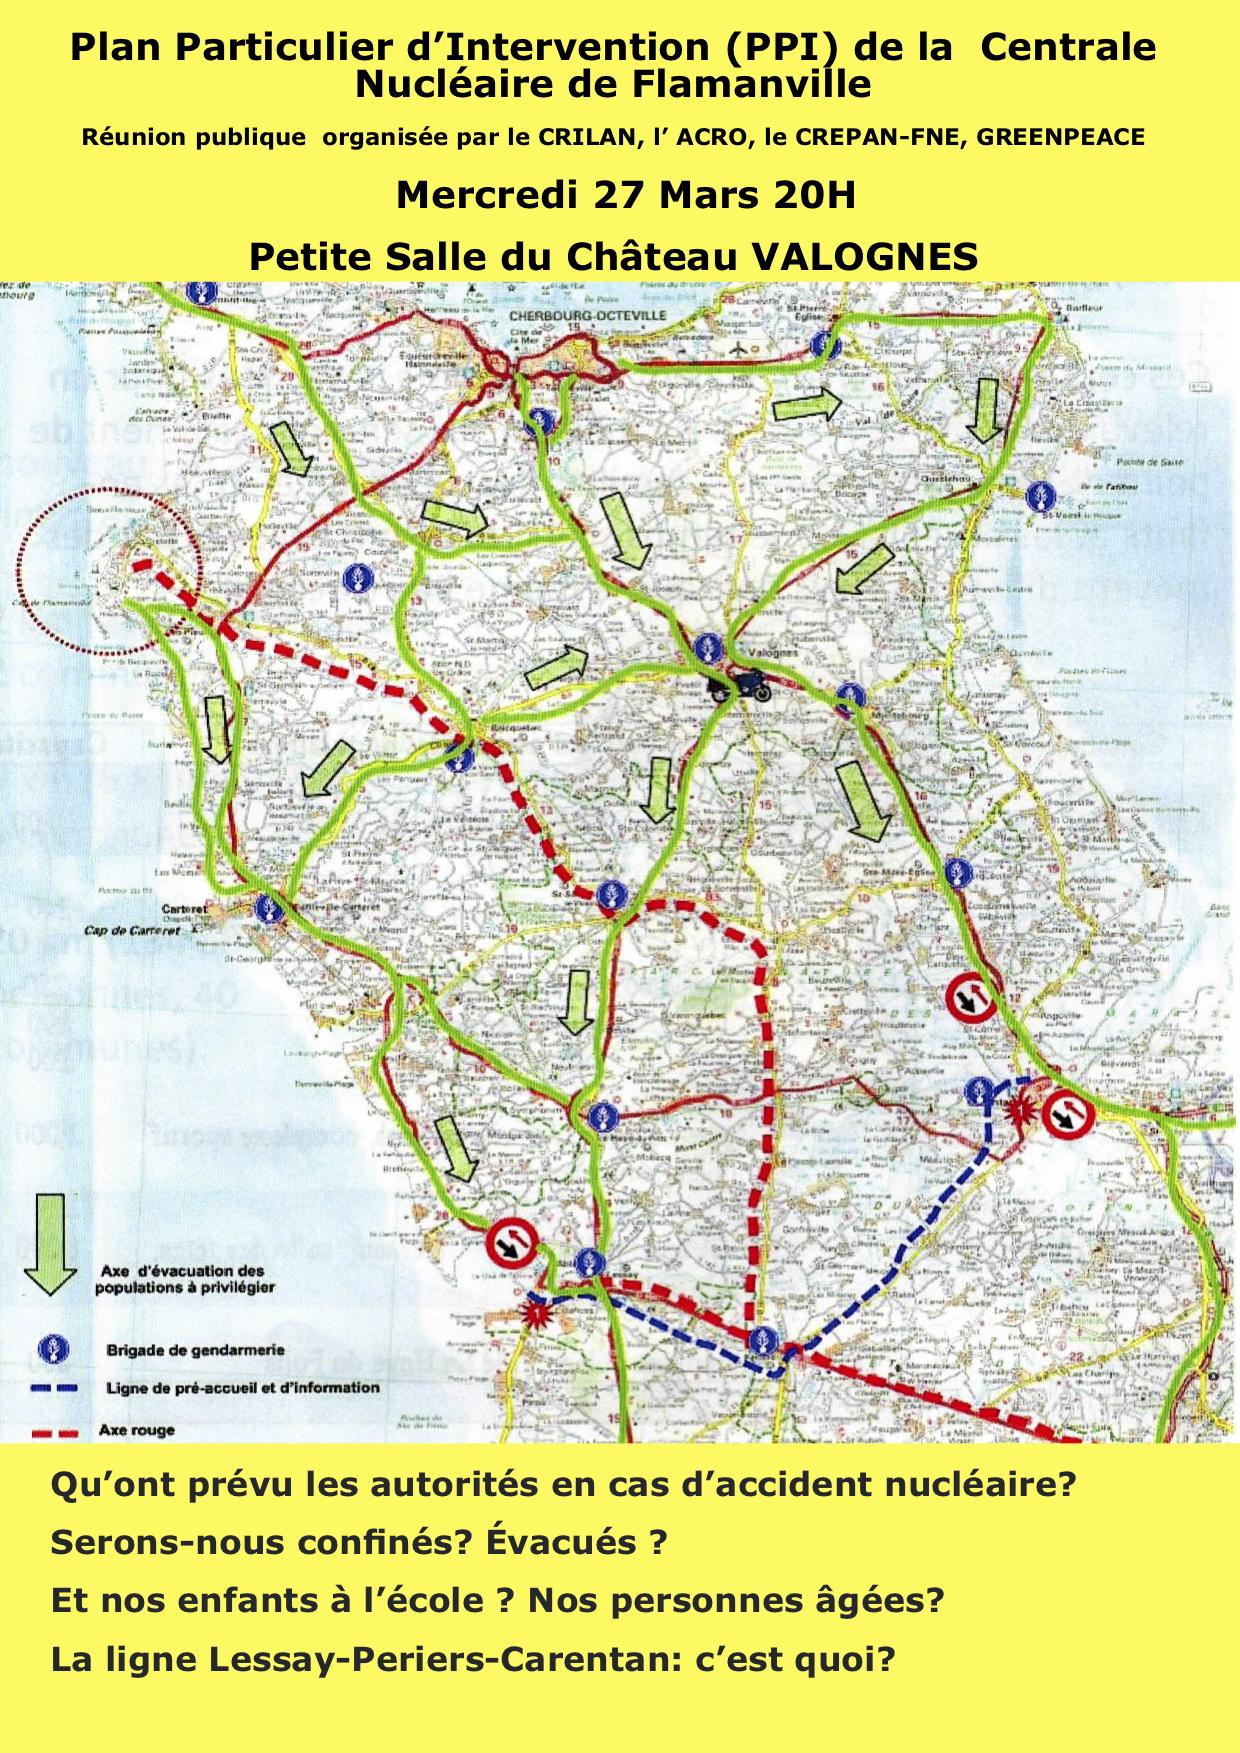 Réunion publique sur le Plan Particulier d'Intervention (PPI) de Flamanville @ petite salle du chateau, Valognes (50)